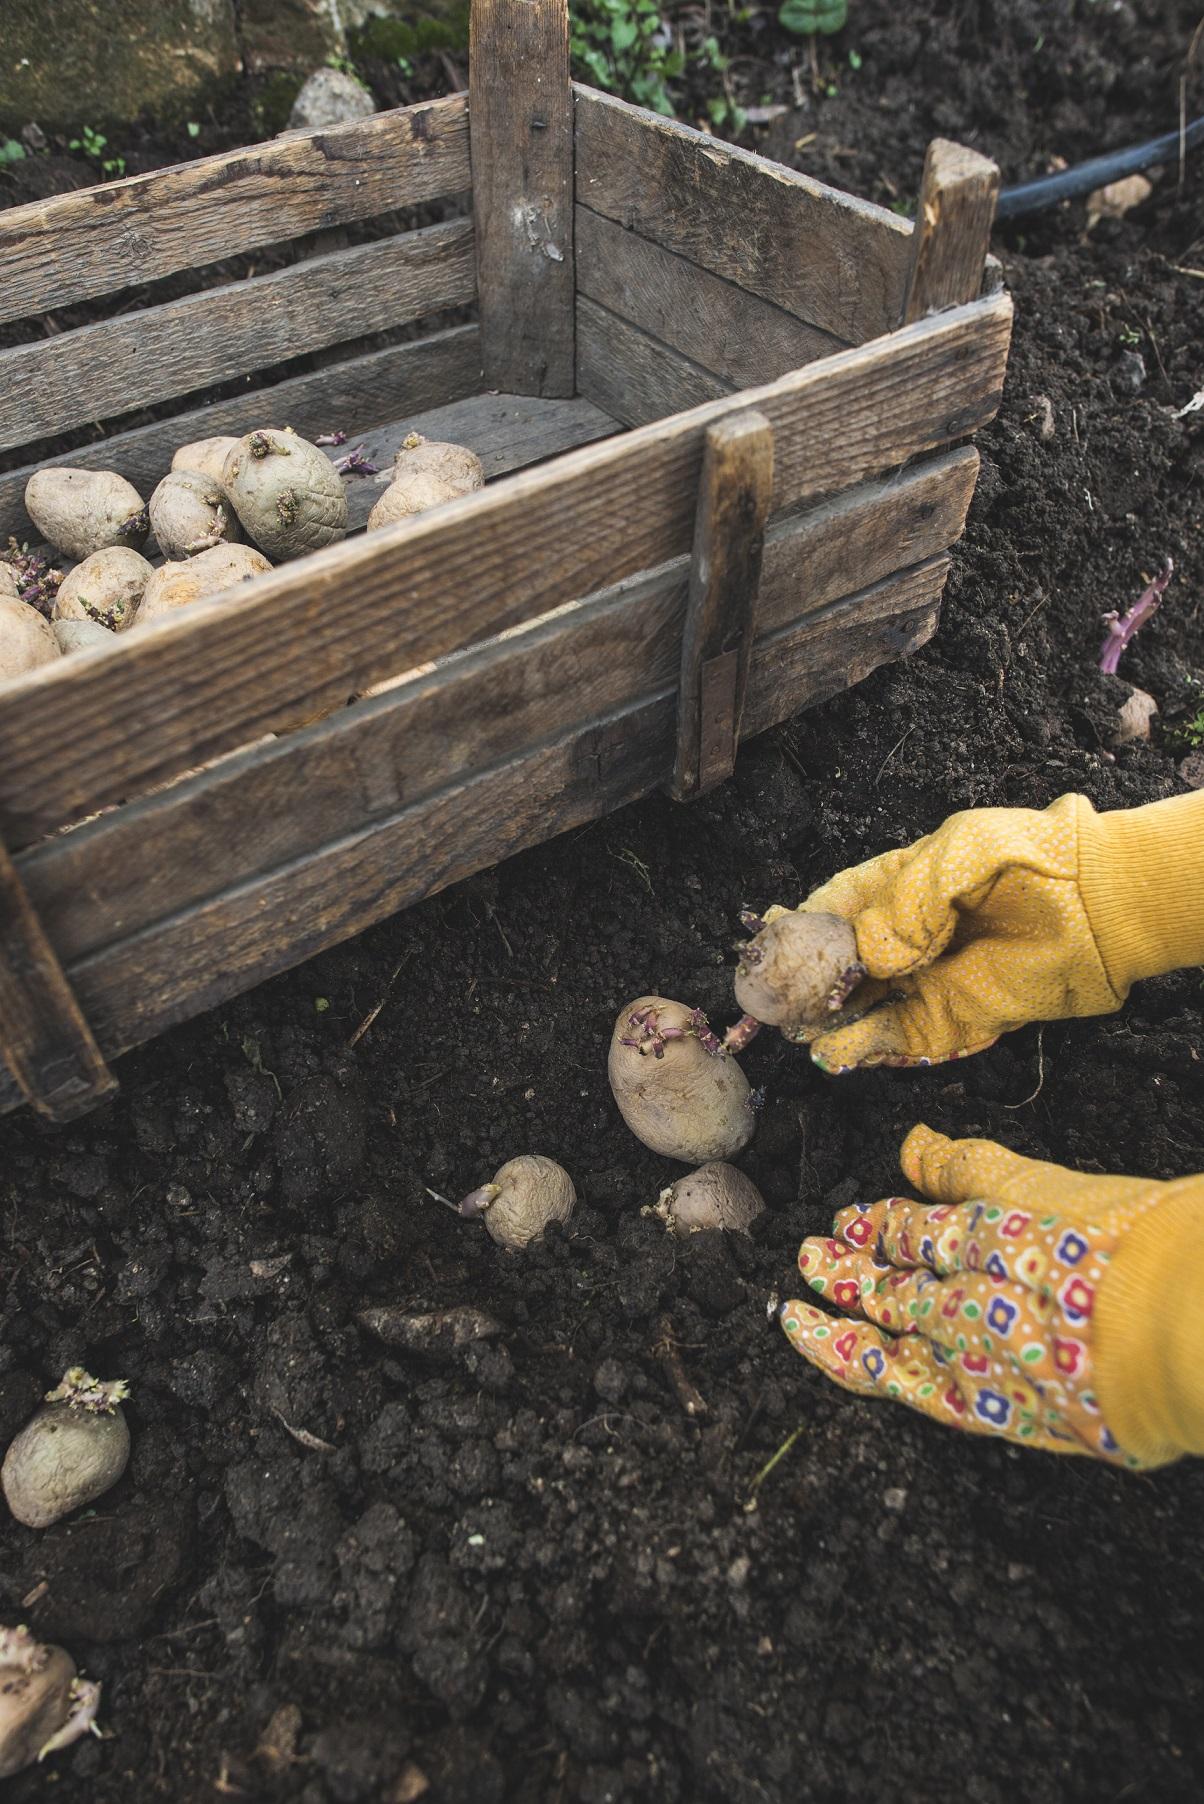 Kartoffelkisten auch super geeignet zur Vorratslagerung